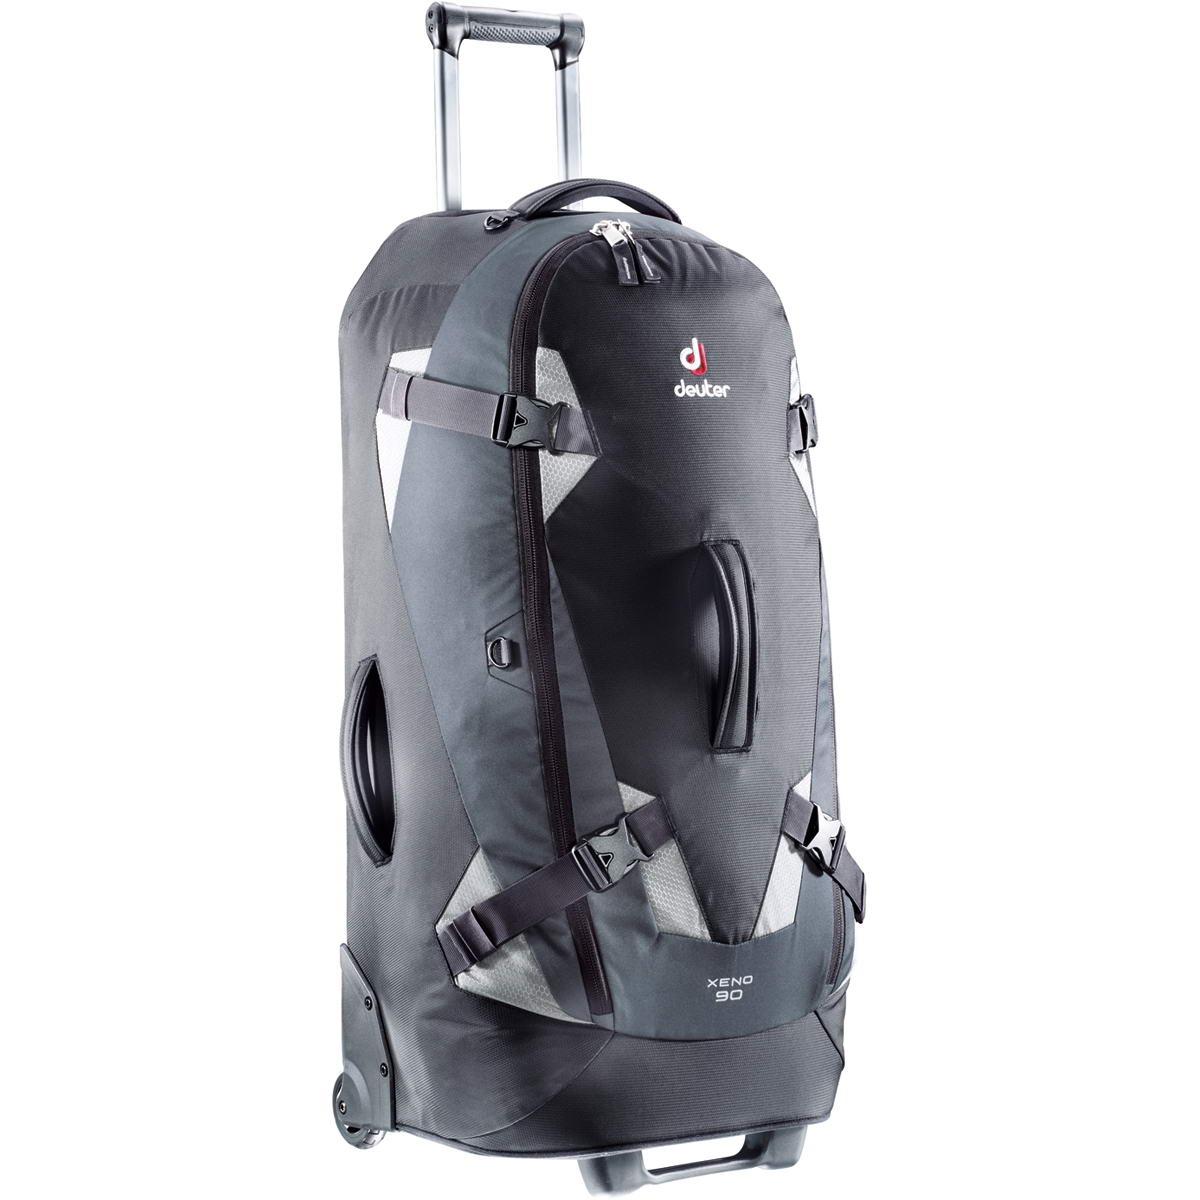 88ef50842515 Deuter - Сумка на колесиках Xeno 90 купить в интернет-магазине ...